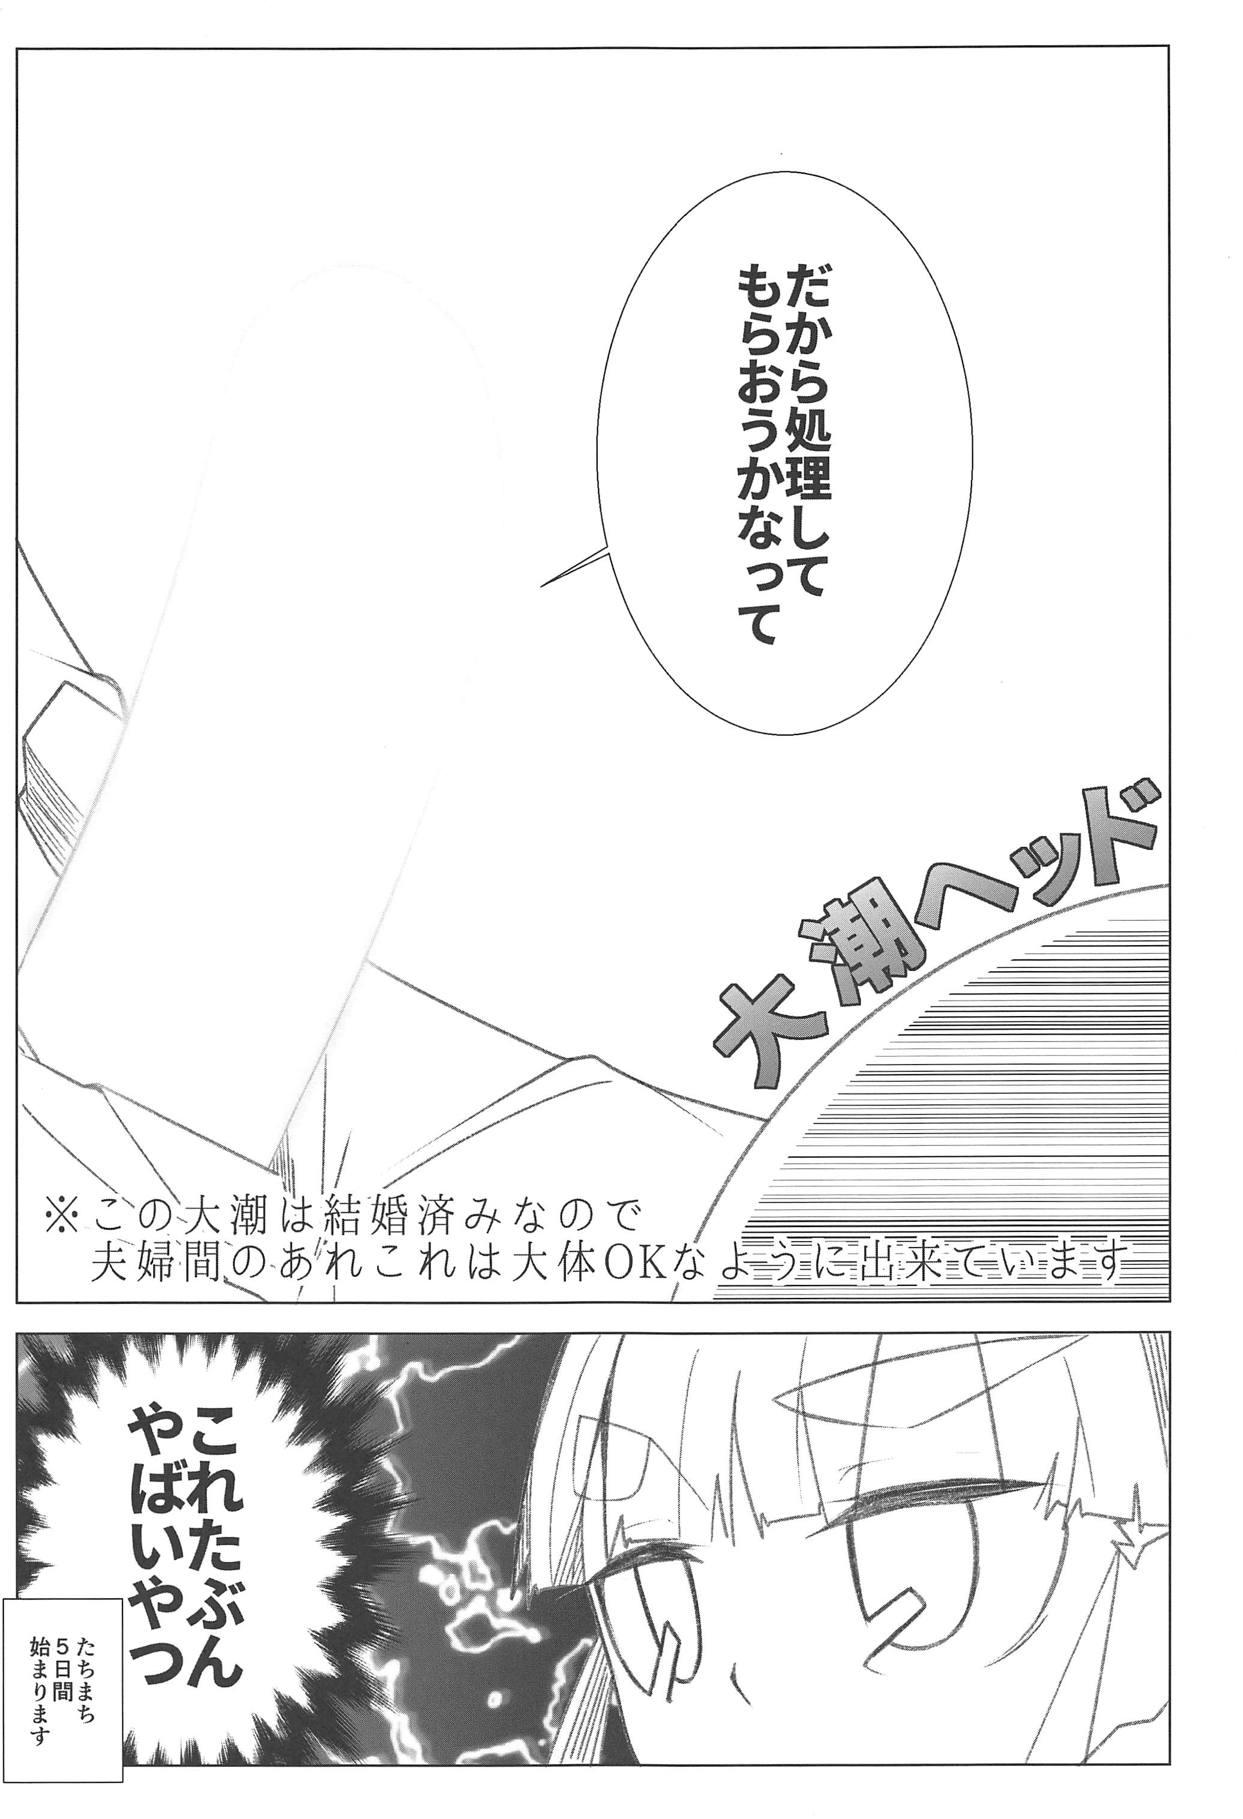 雨あられ 漫画 エロ